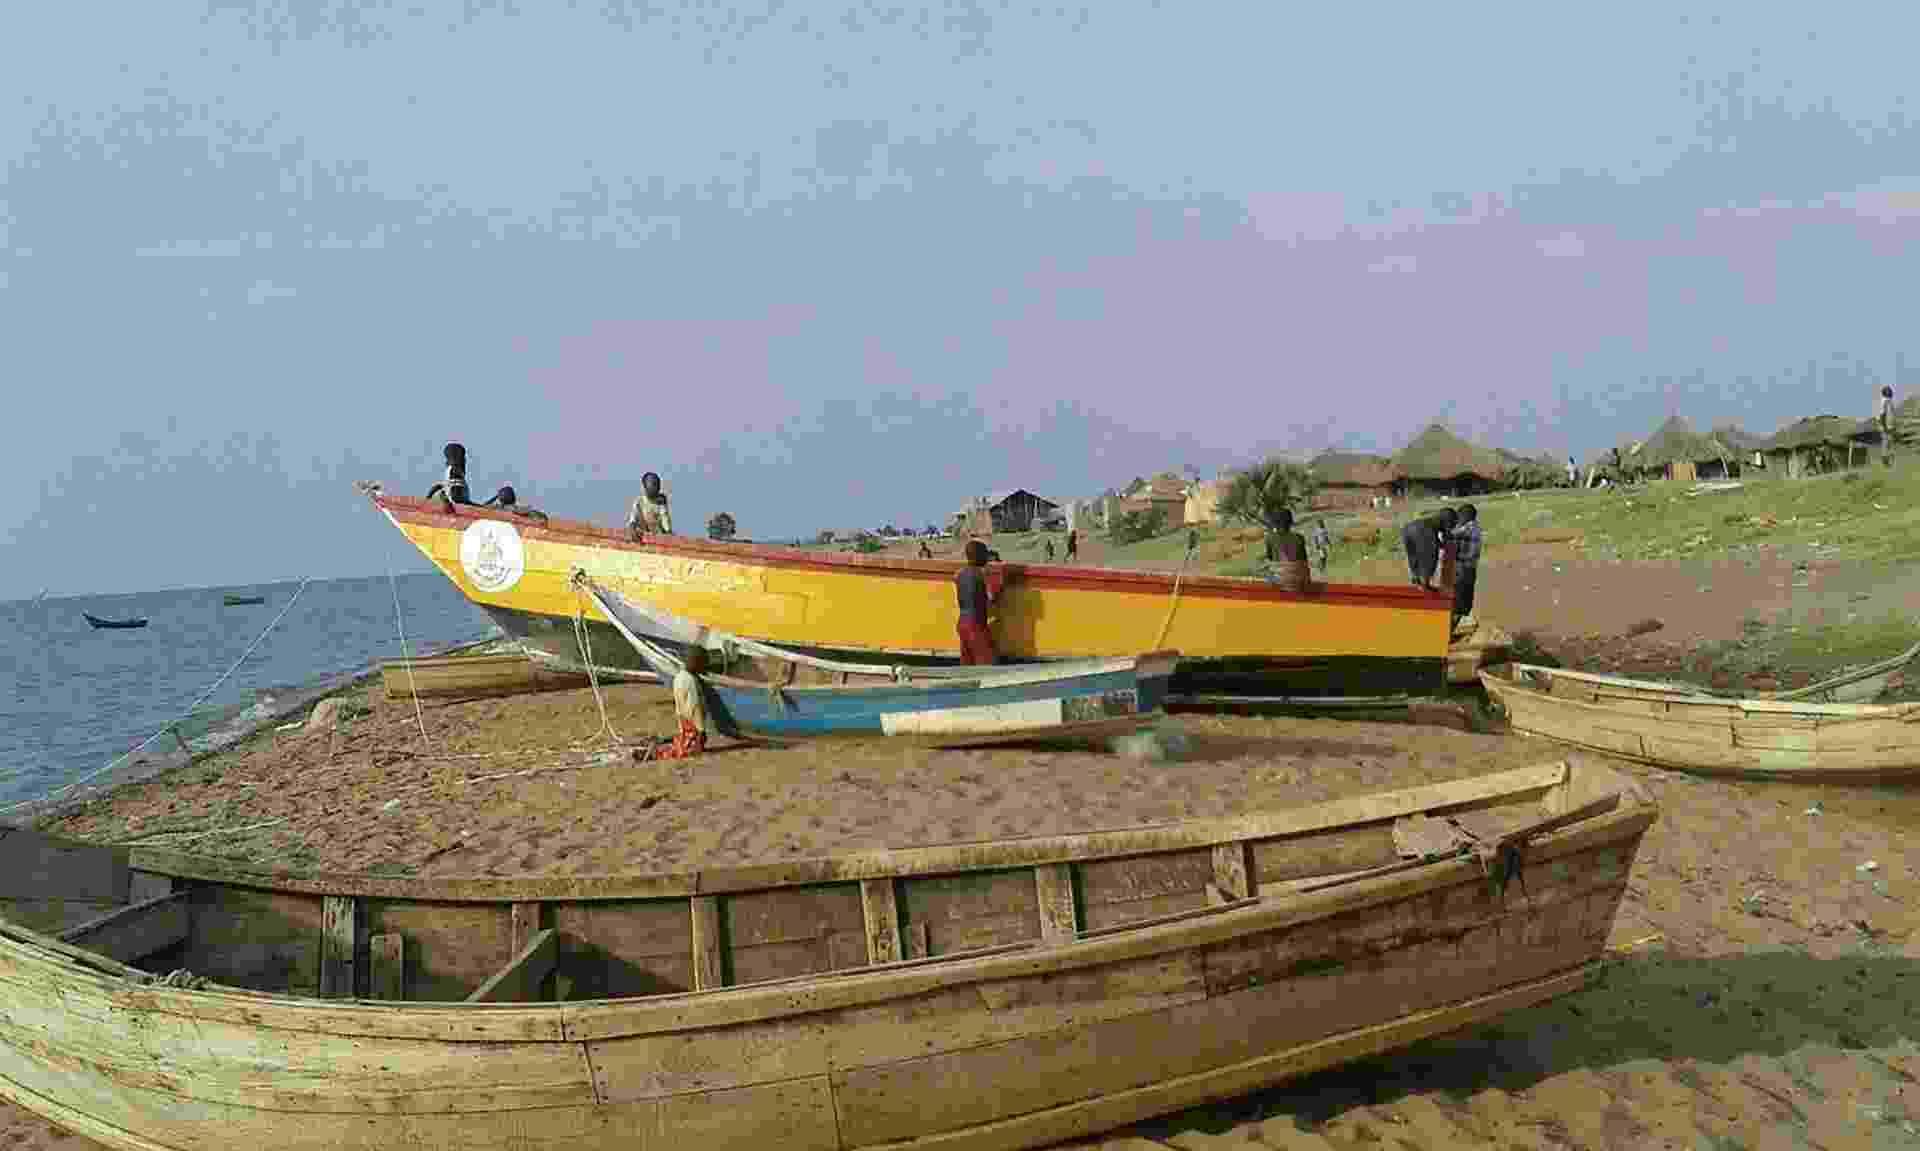 Um acidente de barco em Uganda registrou pelo menos nove mortes, segundo a imprensa local. A embarcação transportava 45 pessoas, entre torcedores e jogadores de um time amador local, quando afundou no Lago Alberto. Inicialmente, 15 pessoas sobreviveram - AFP Photo